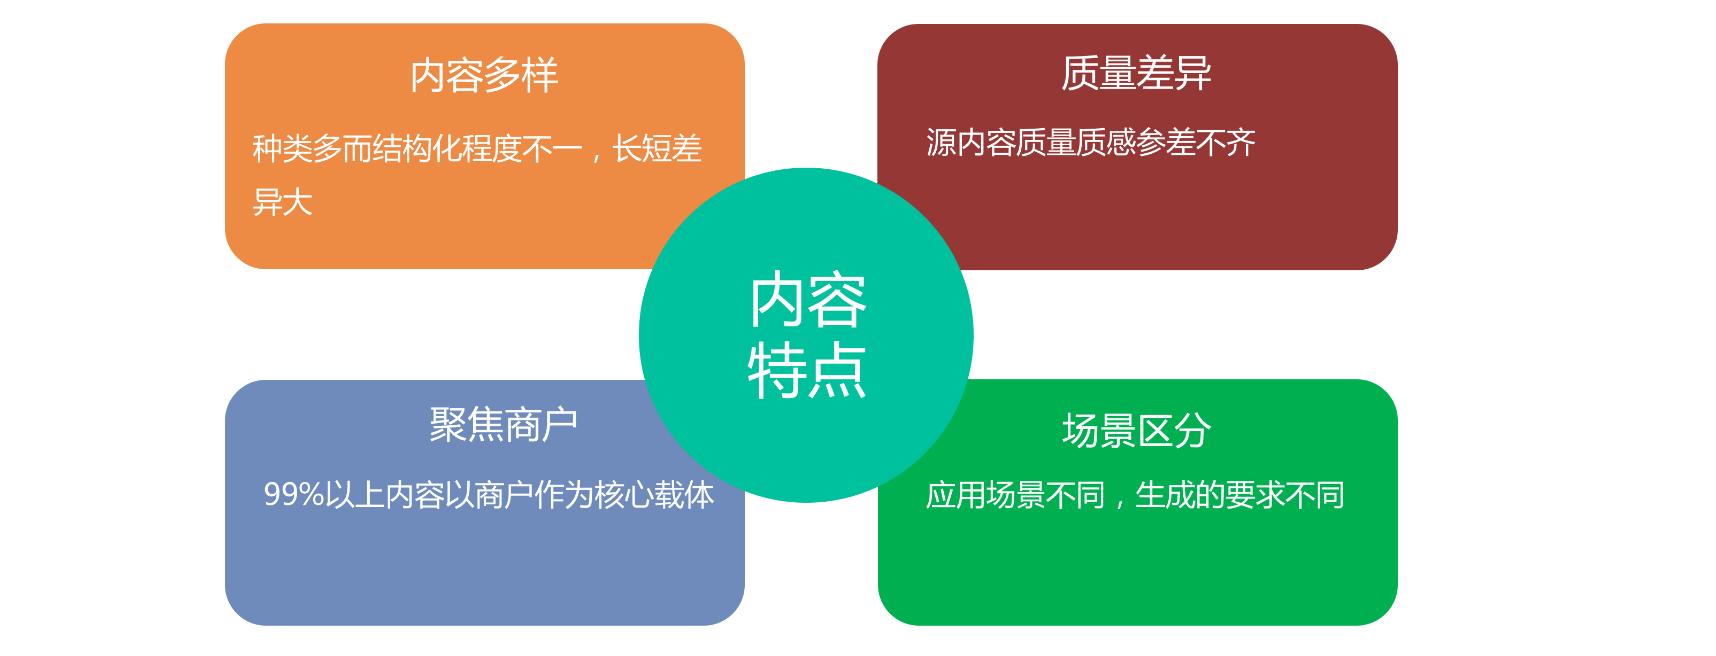 图7 双平台内容特点与挑战